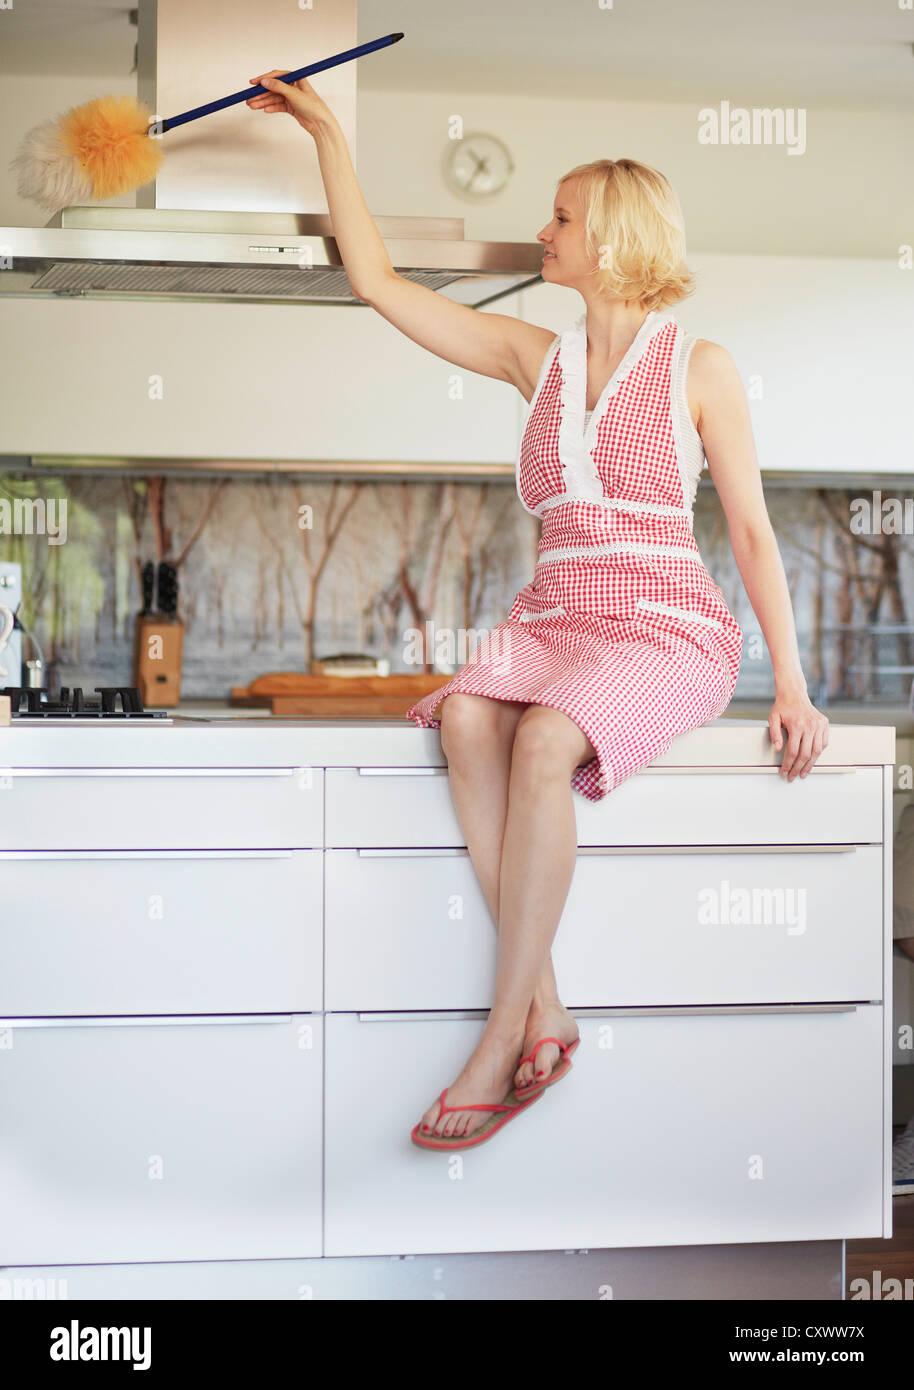 Frau Abstauben Fan in Küche Stockbild